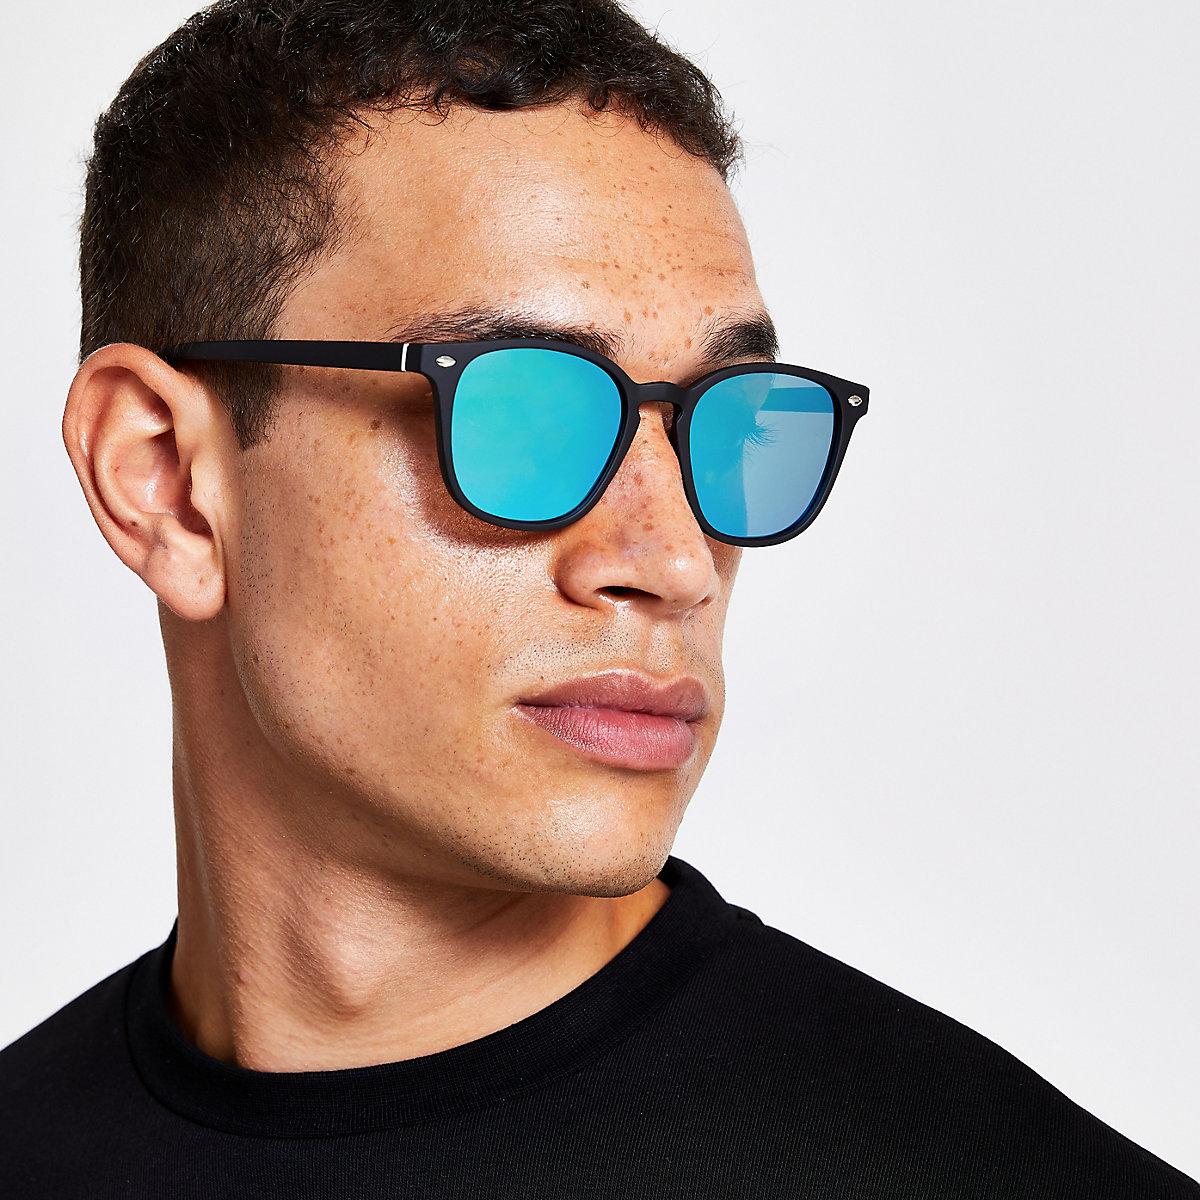 Black slim retro square sunglasses